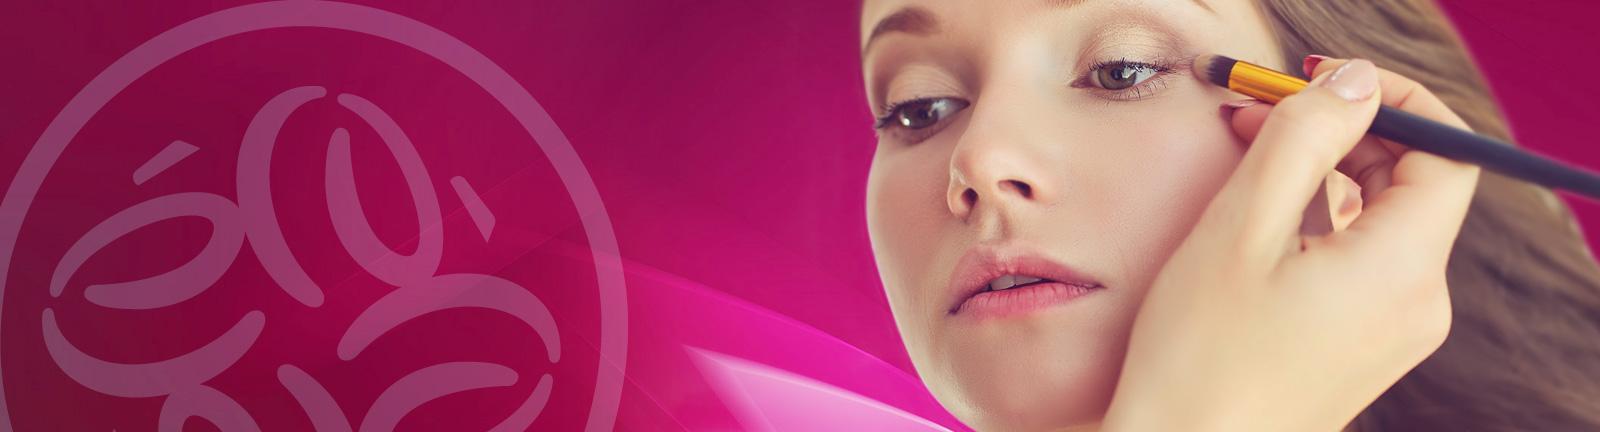 academia de maquillaje profesional eclat, noticias eclat